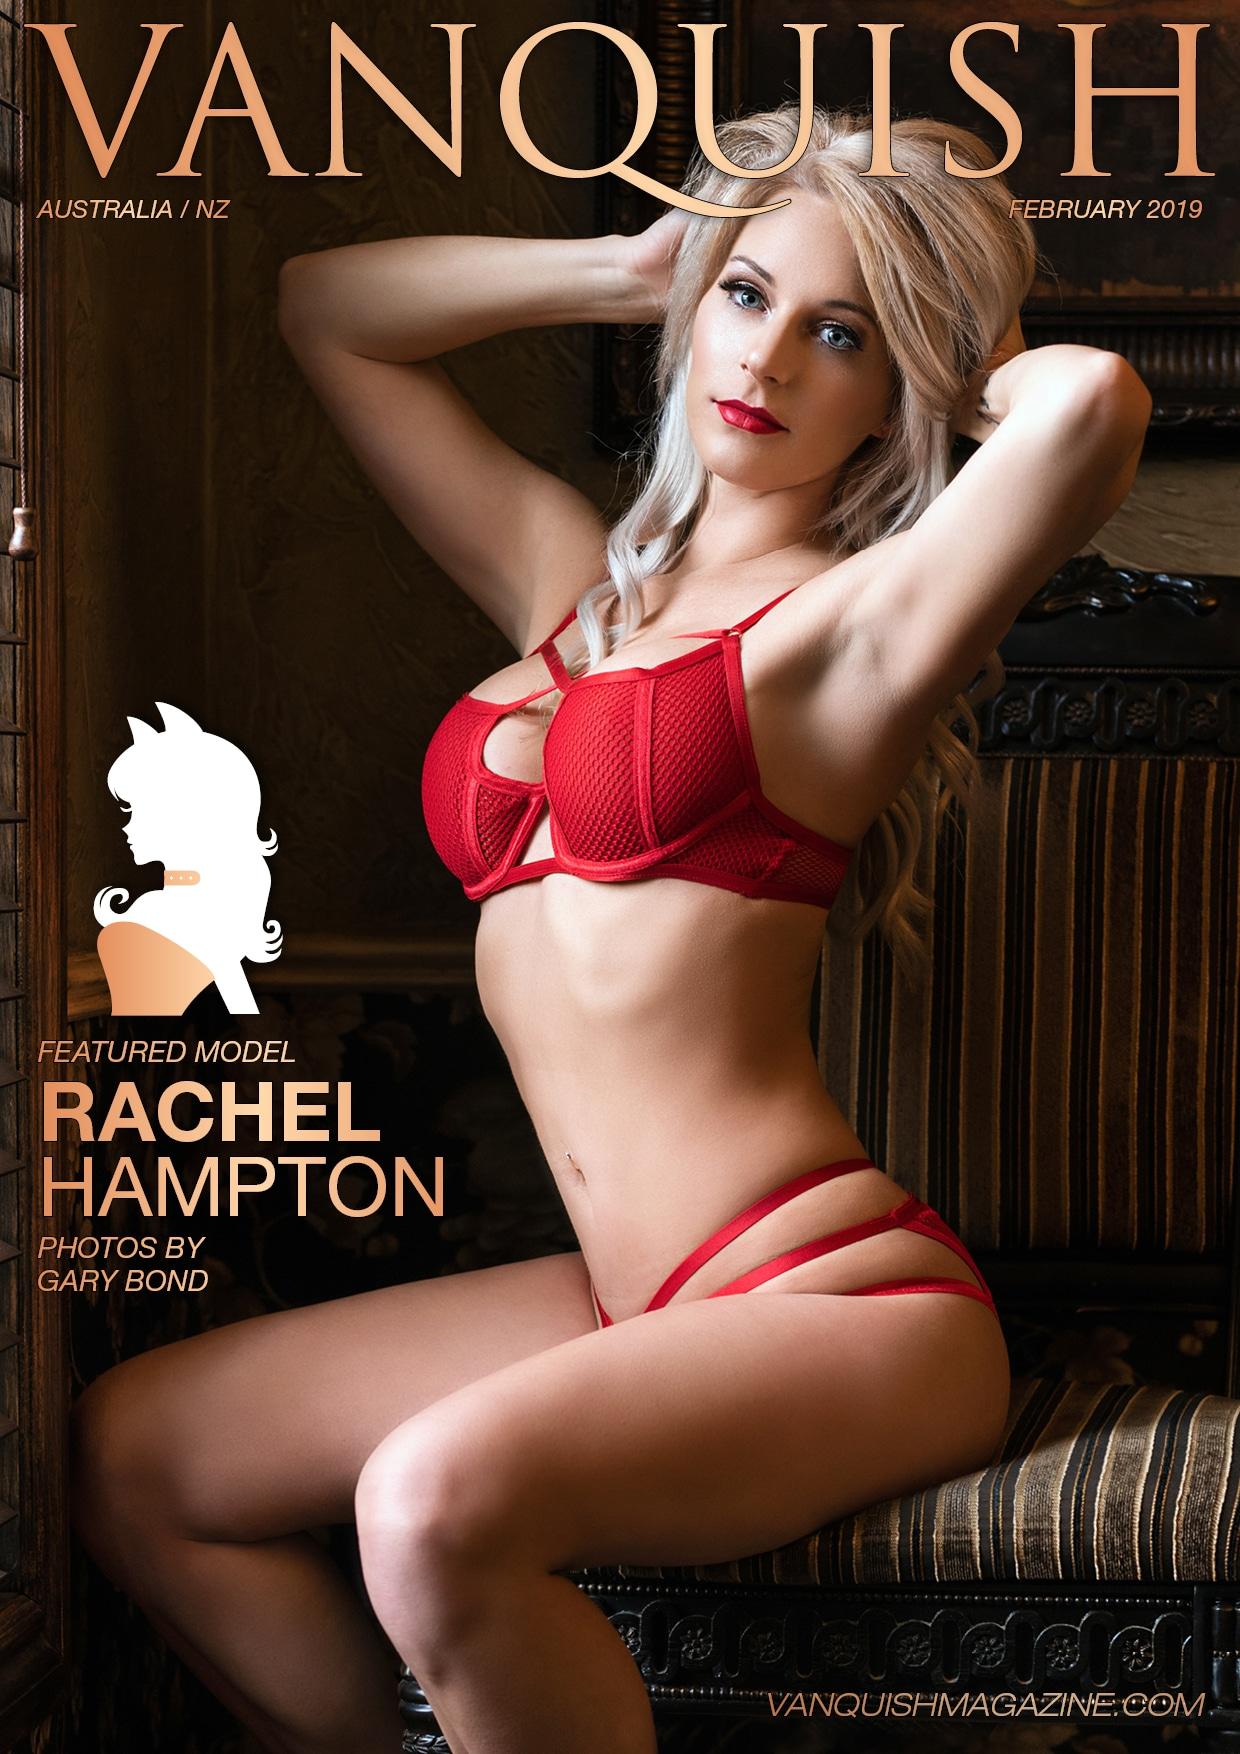 Vanquish Magazine – February 2019 – Rachel Hampton